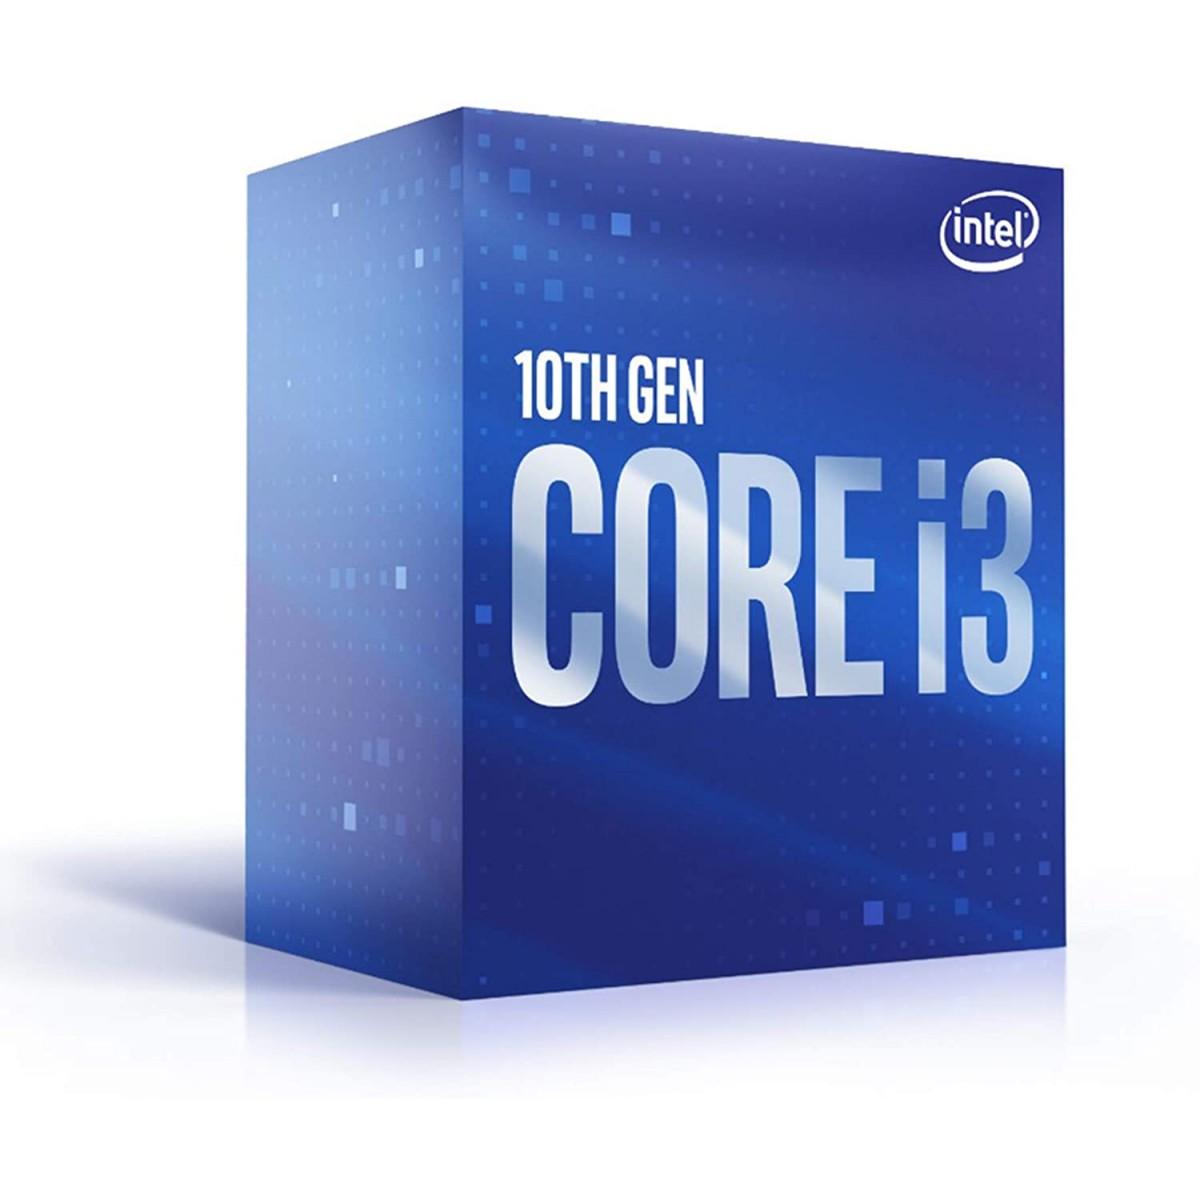 Kit Upgrade Biostar Radeon RX 550 4GB + Intel Core i3 10105F + Geil Evo Potenza 8GB 3000MHz